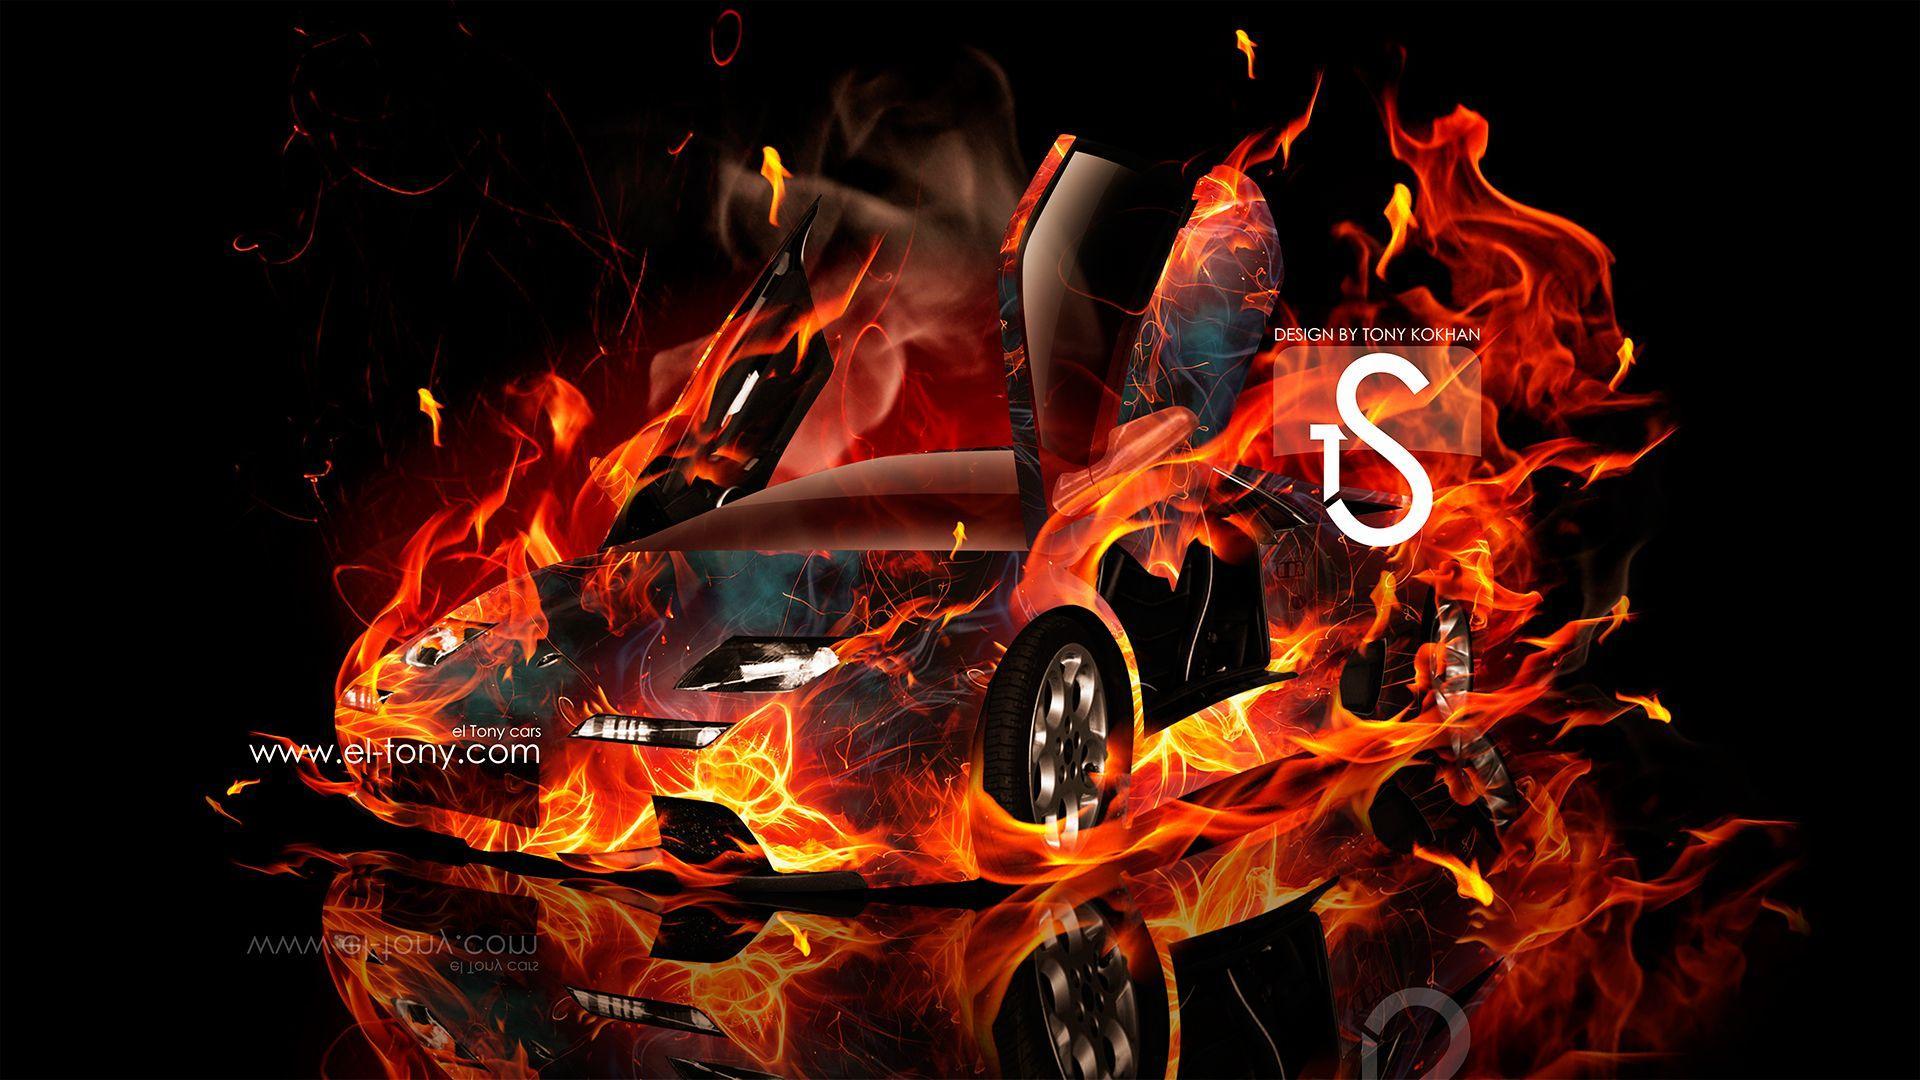 Lamborghini On Fire Wallpapers , Top Free Lamborghini On